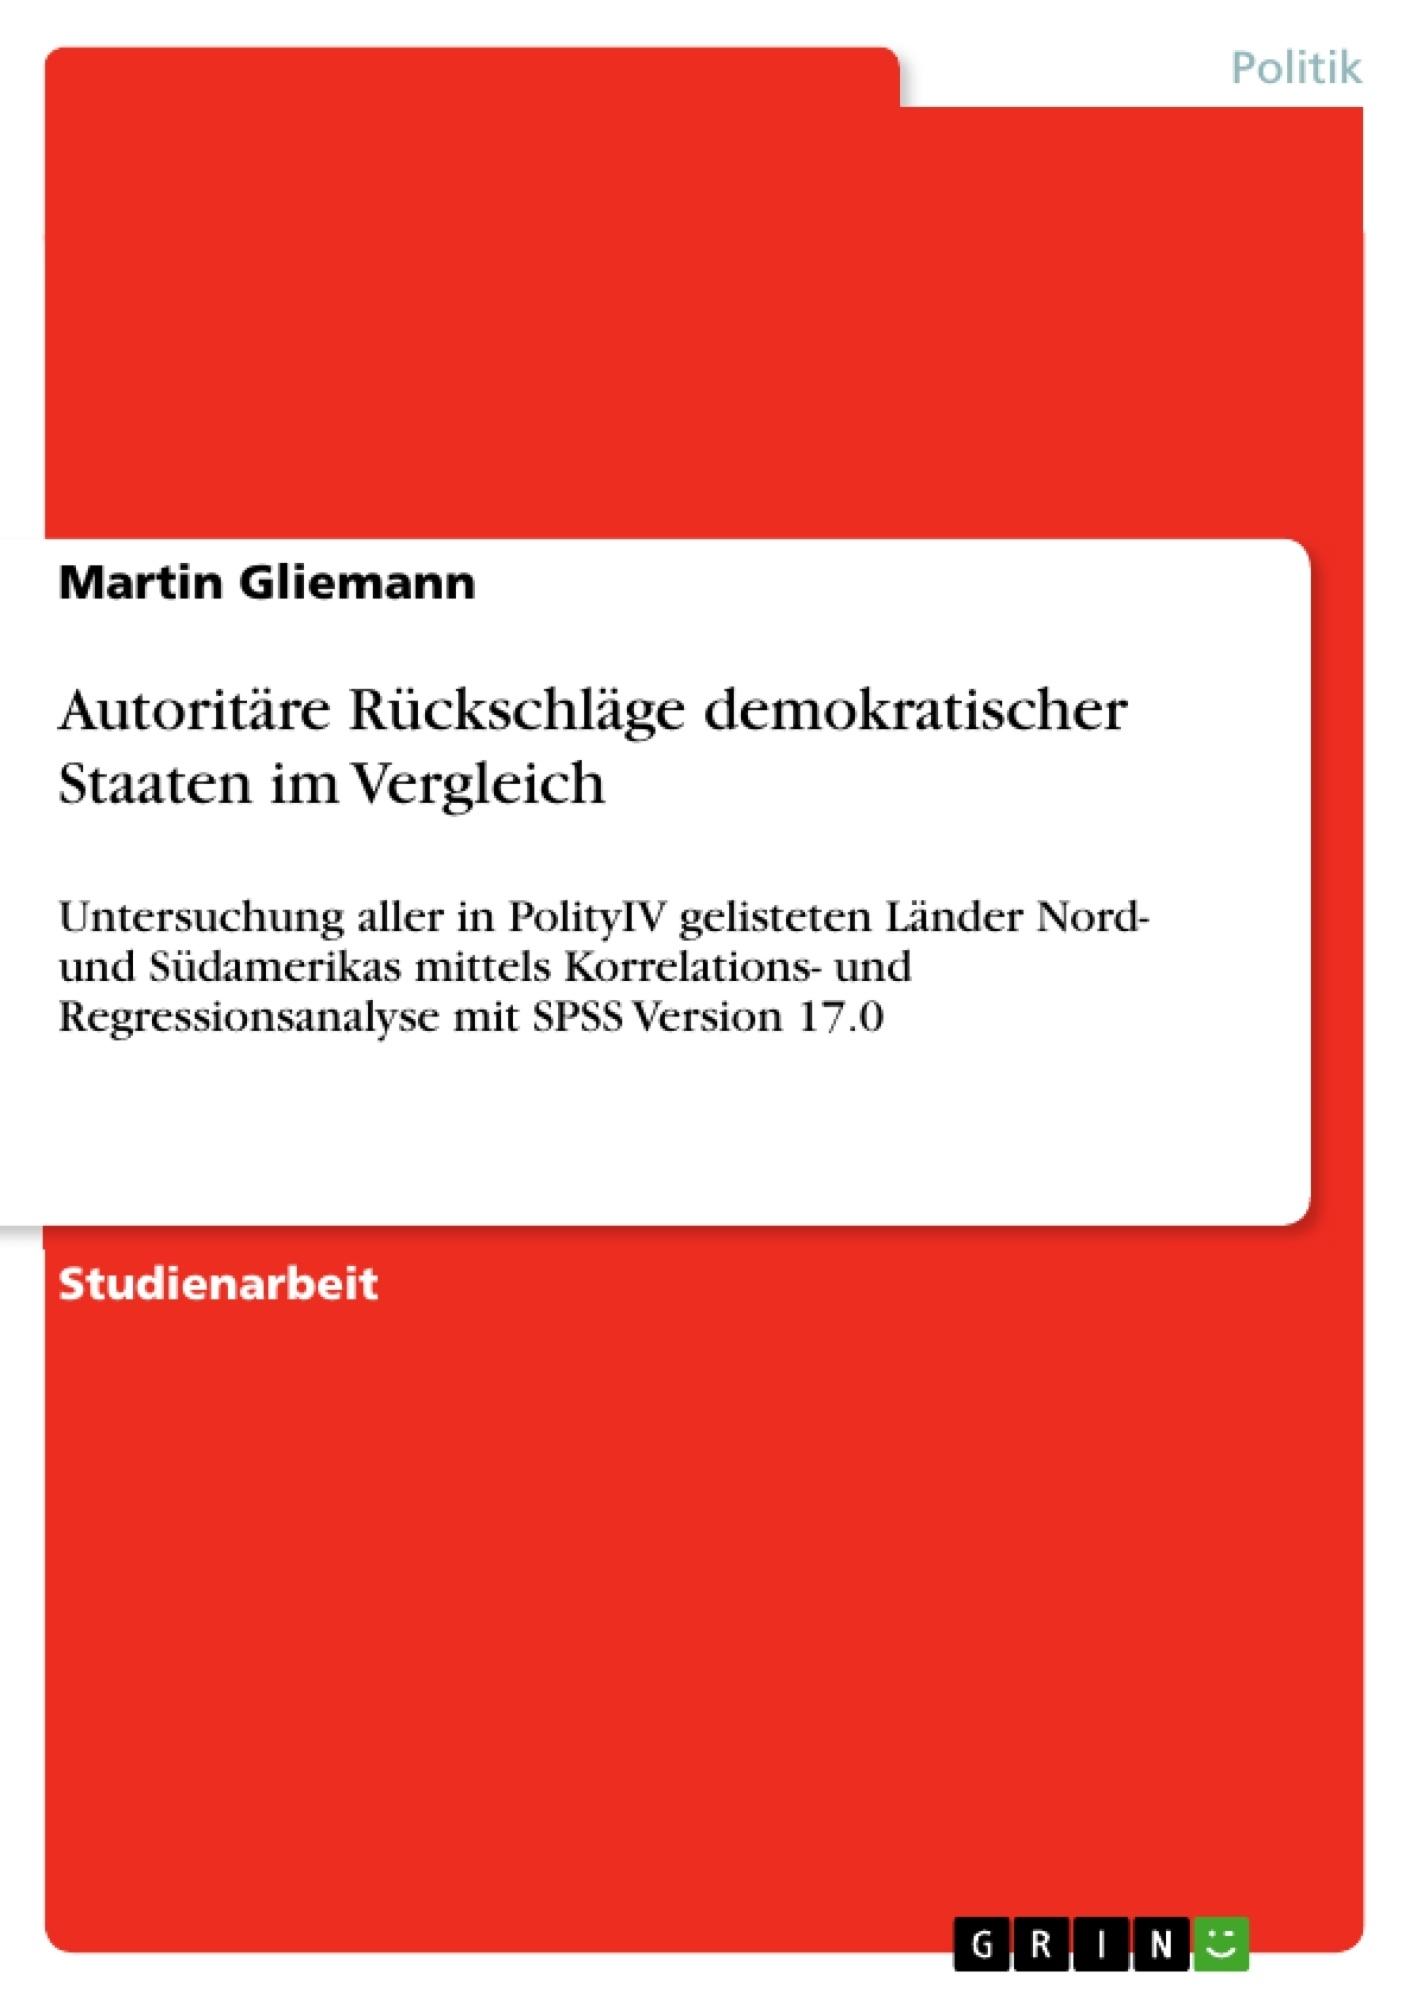 Titel: Autoritäre Rückschläge demokratischer Staaten im Vergleich